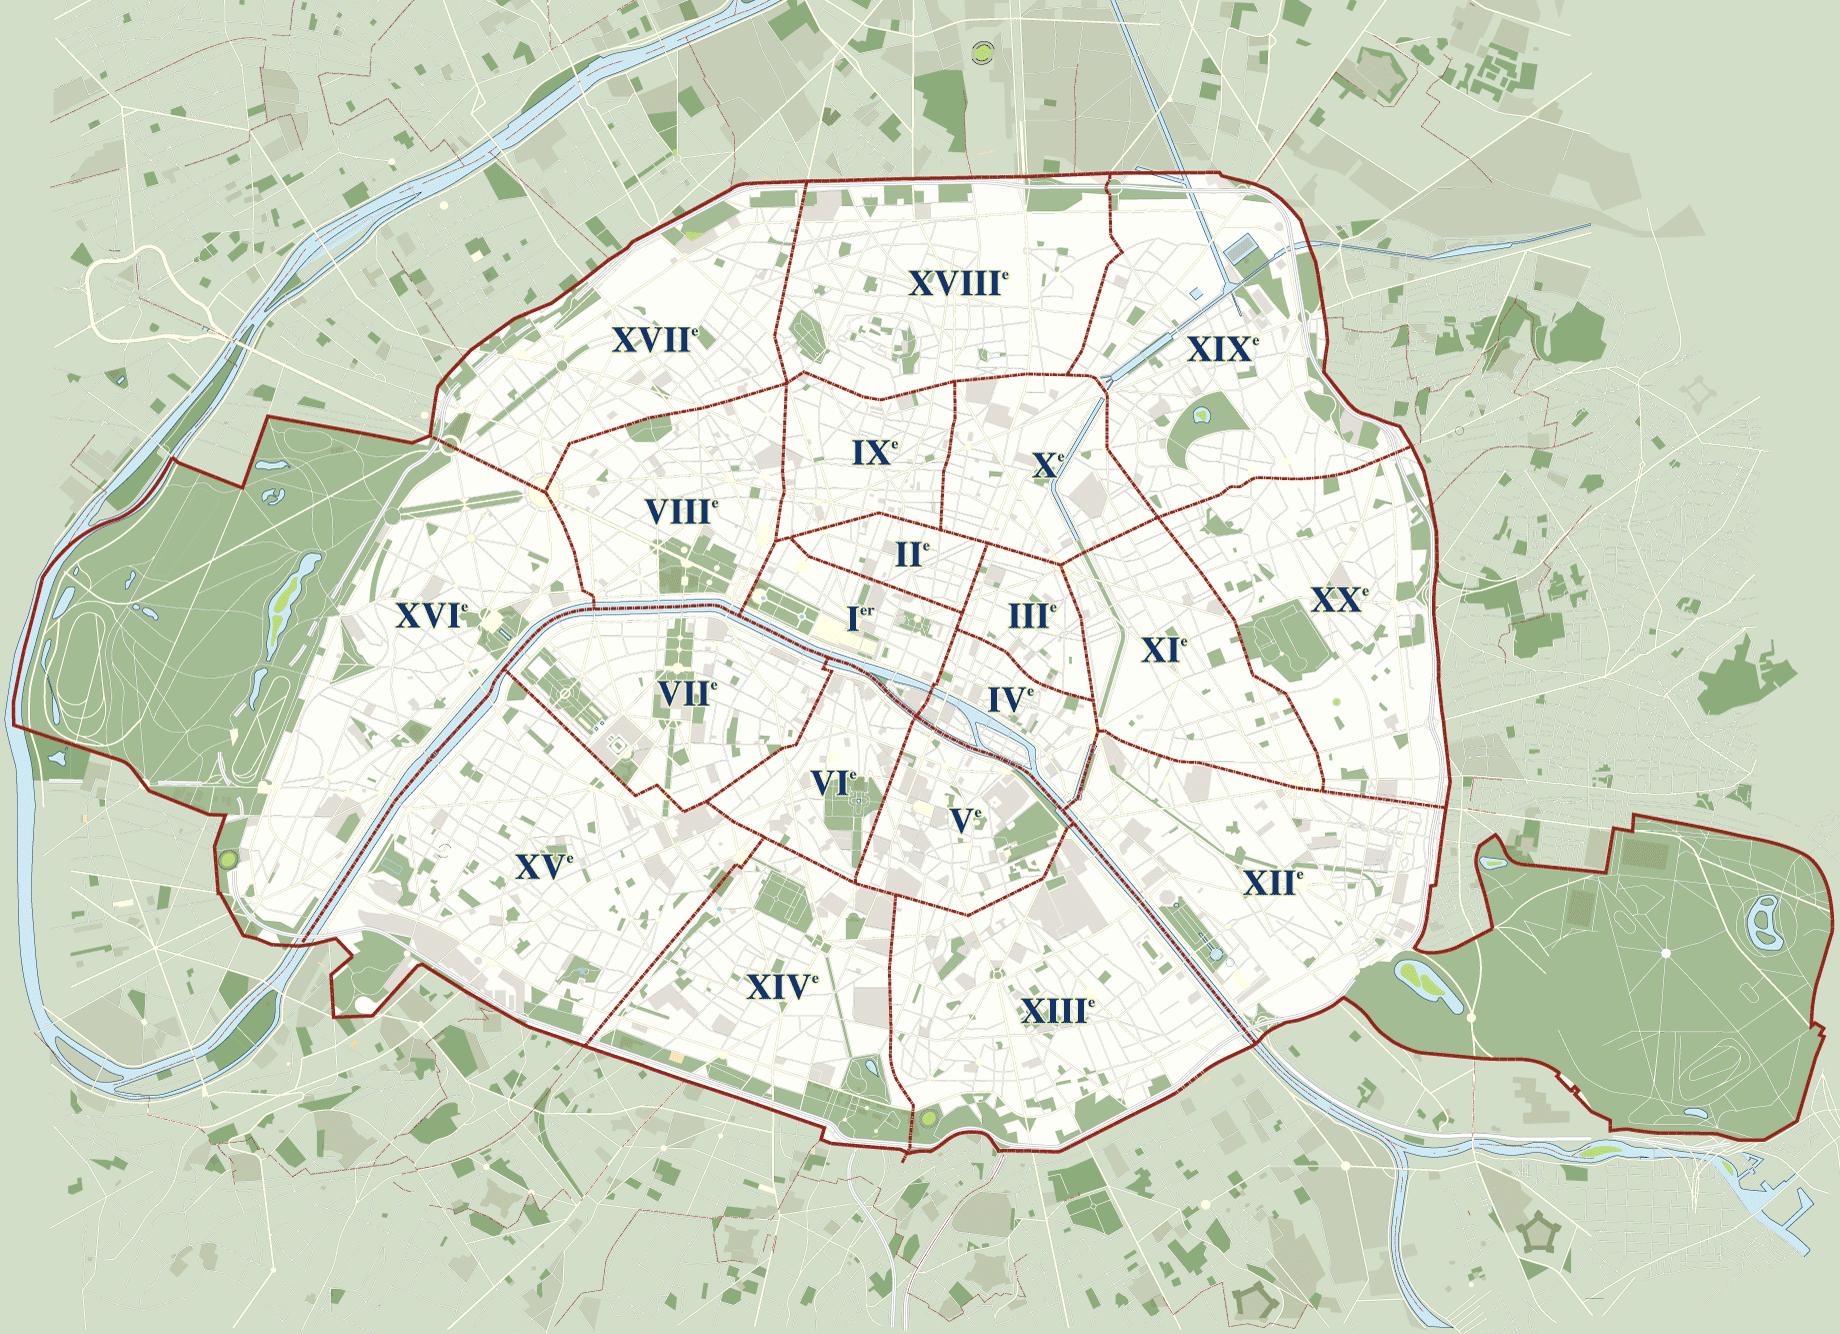 Dzielnice Paryża – Opisy dzielnic + mapa